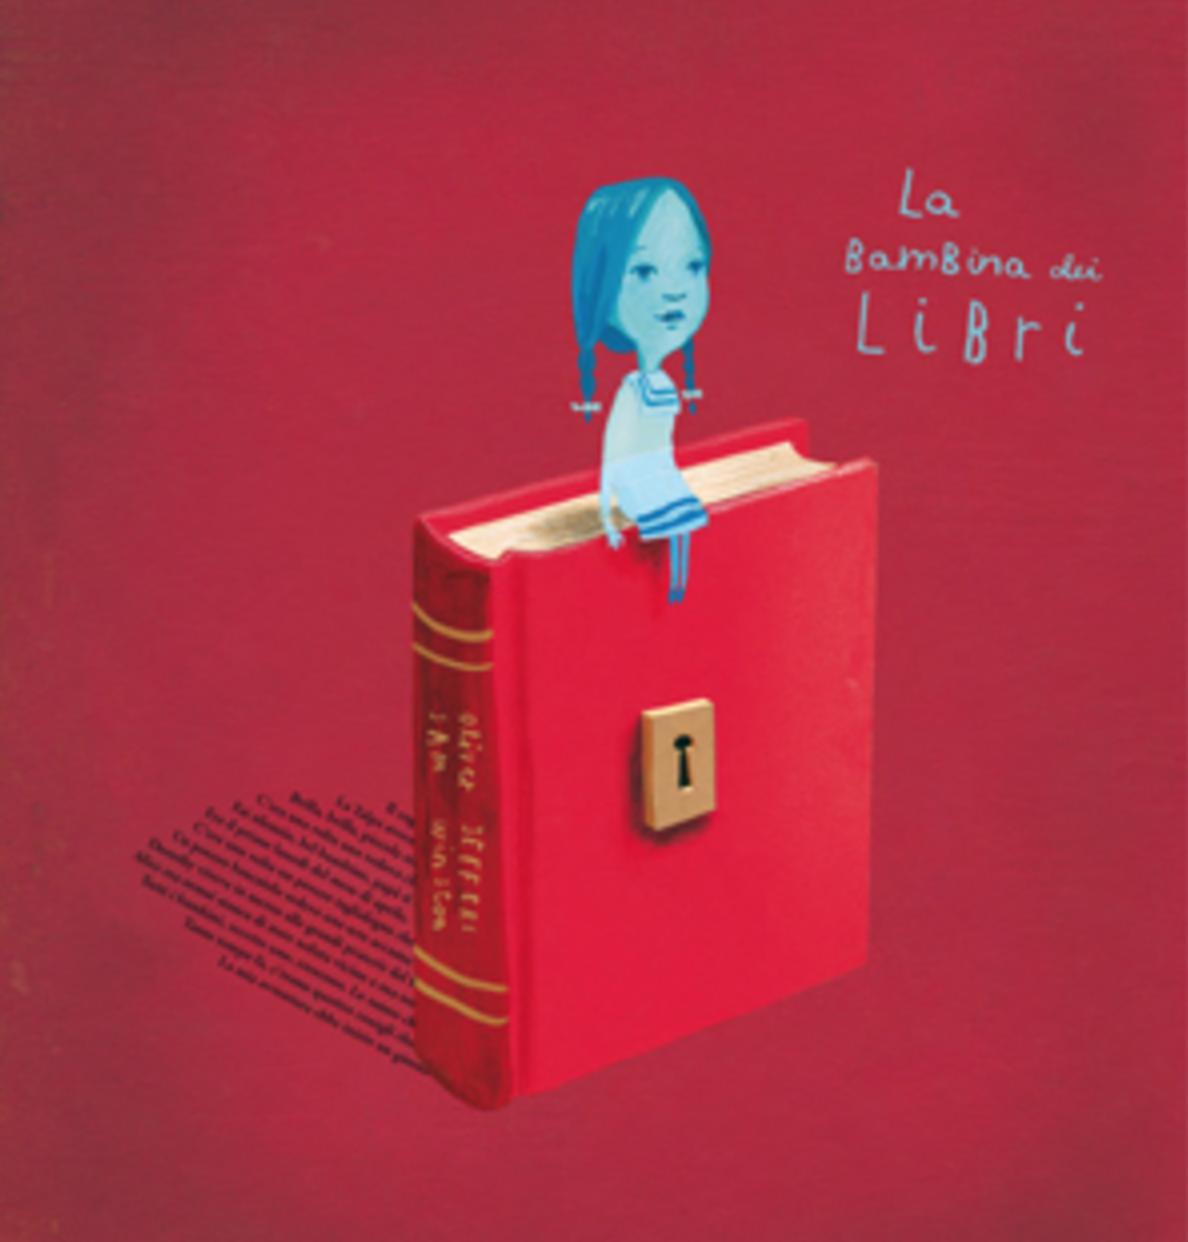 La bambina dei libri